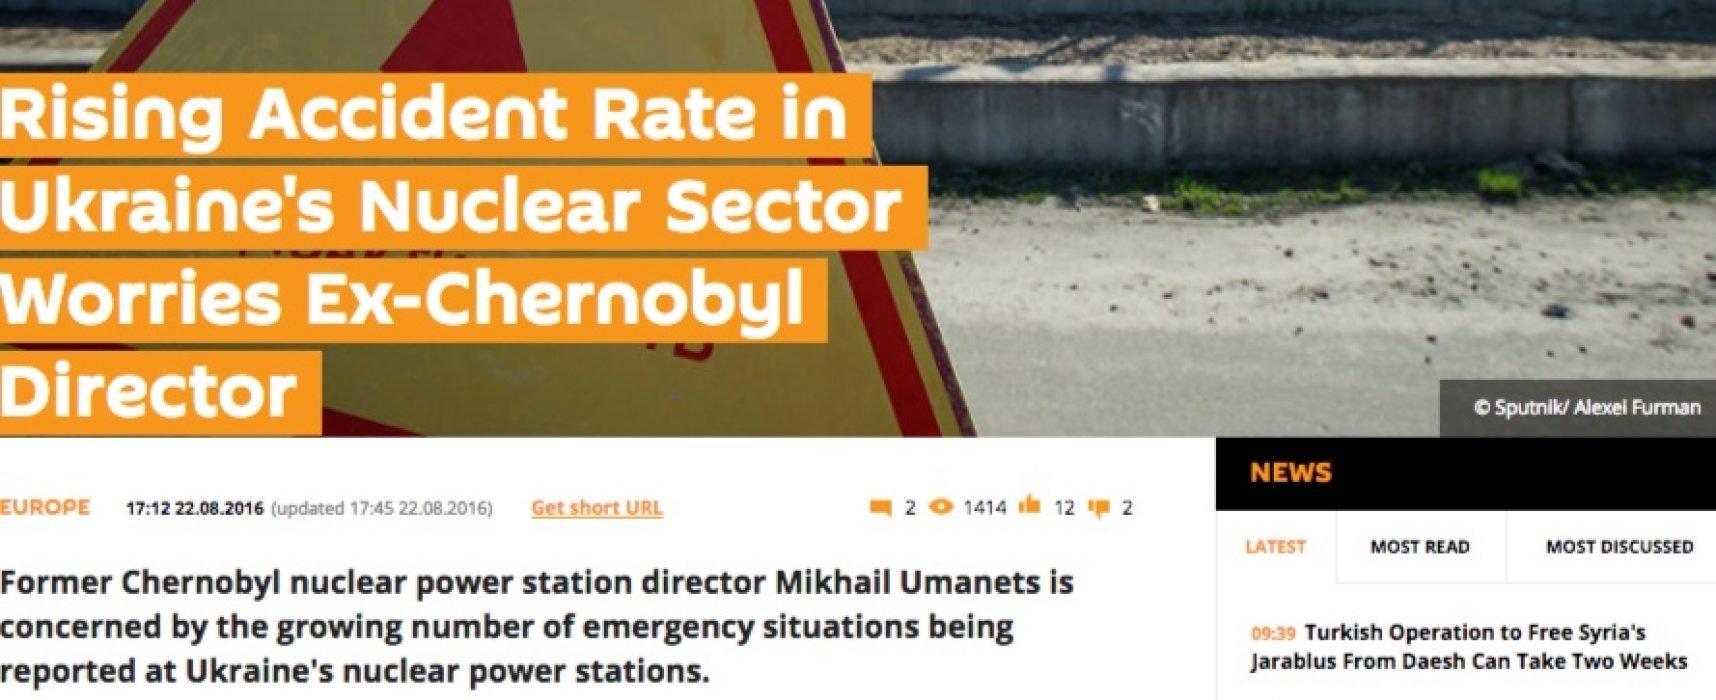 Фейк: Коллапс атомной энергетики в Украине